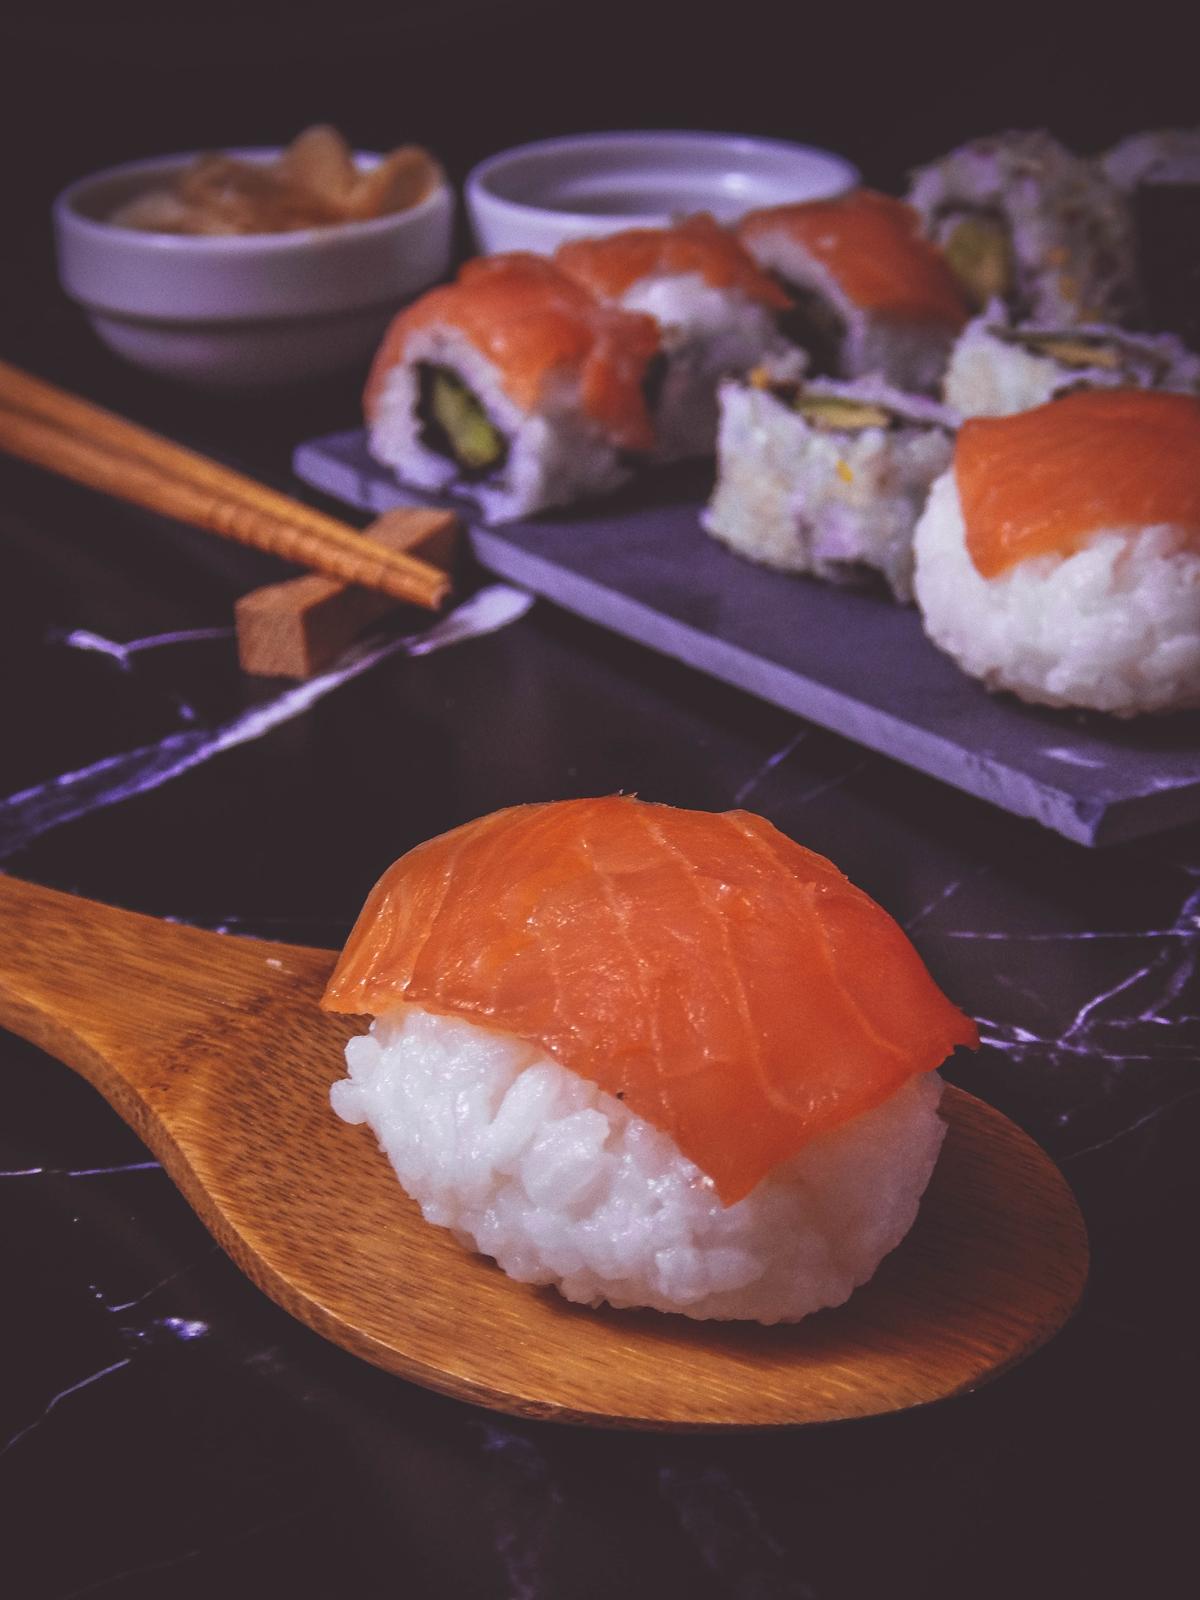 przepis na sushi jak zrobić sushi sushi bez surowej ryby z wędzonym łososiem dragon sushi przepis pomysły rodzaje sushi blog kulinarny melodylaniella łódź blogerka łódzka nigiri